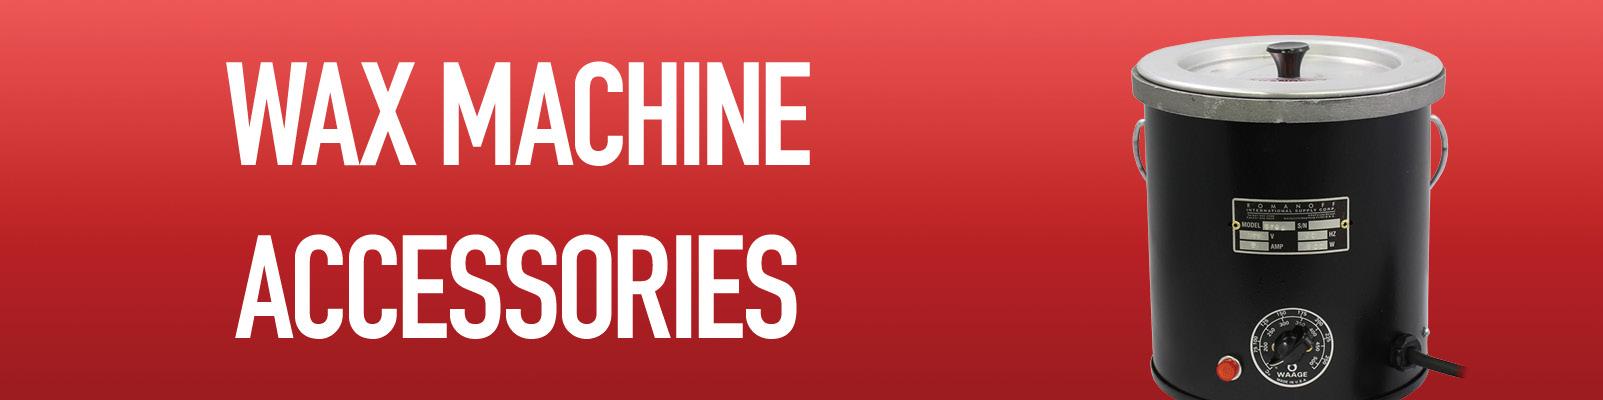 Wax Machine Accessories